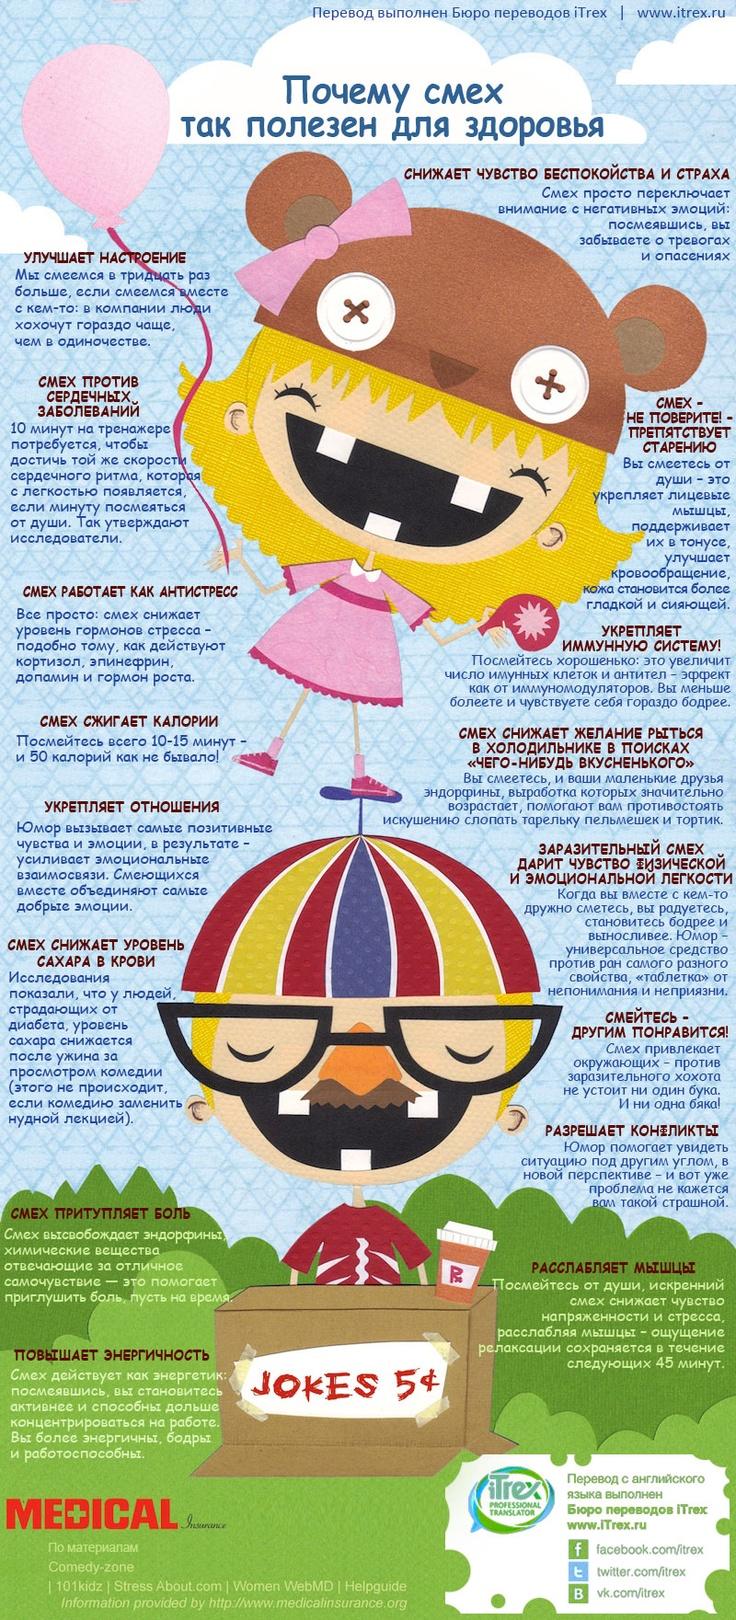 Почему смех полезен для здоровья?  Как часто и много вы смеетесь? Смехотерапию врачи применяют в качестве дополнительного метода лечения многих заболеваний. Но даже в профилактических целях смеяться полезно для здоровья. Как действует смех на организм? Читайте в переведенной нами инфографике. И смейтесь, для души и здоровья!